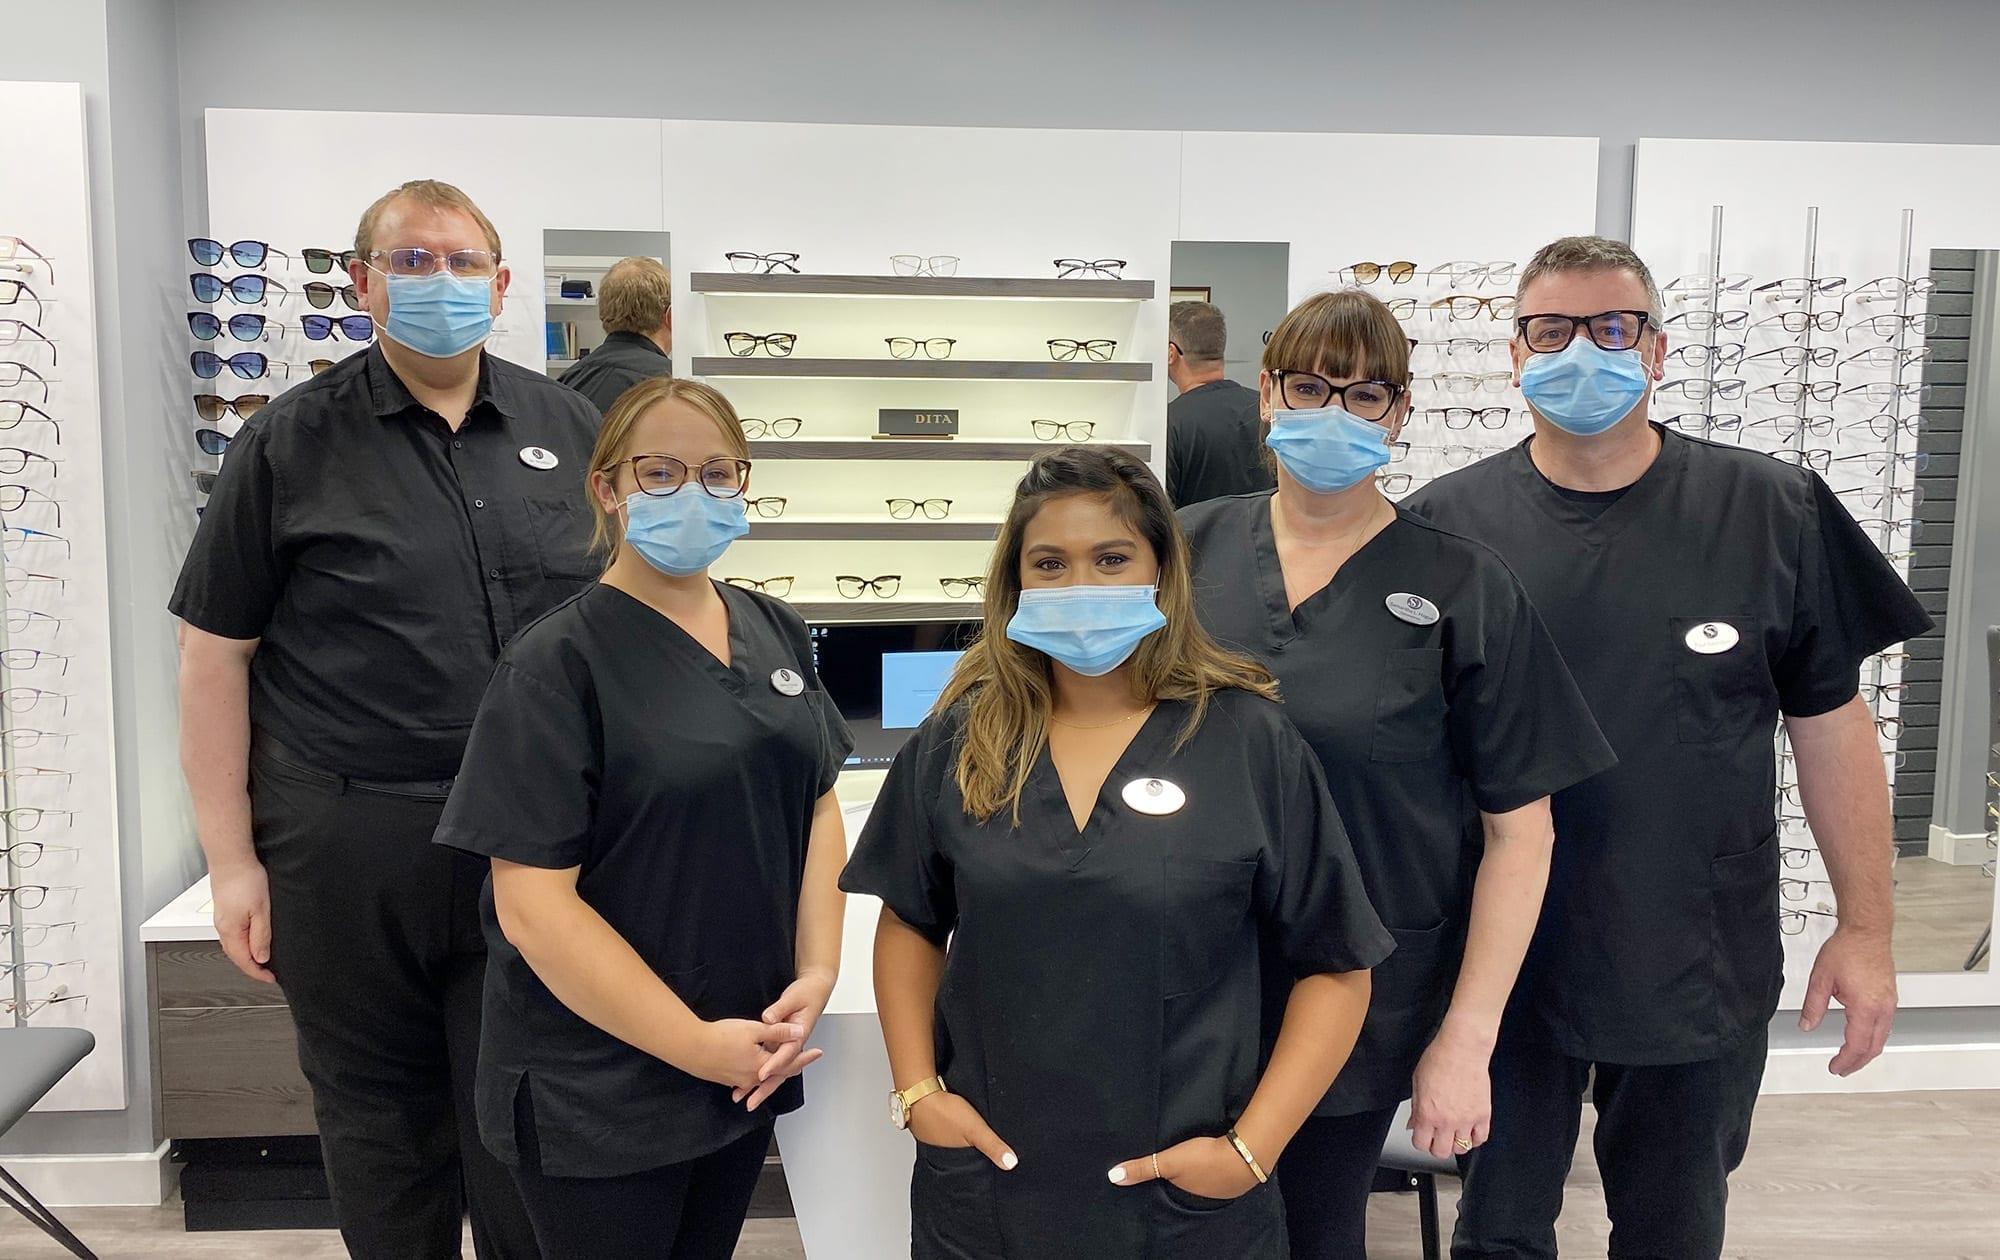 covid-opticians-eye-test-wolverhampton-west-midlands-uk-sheward-opticians